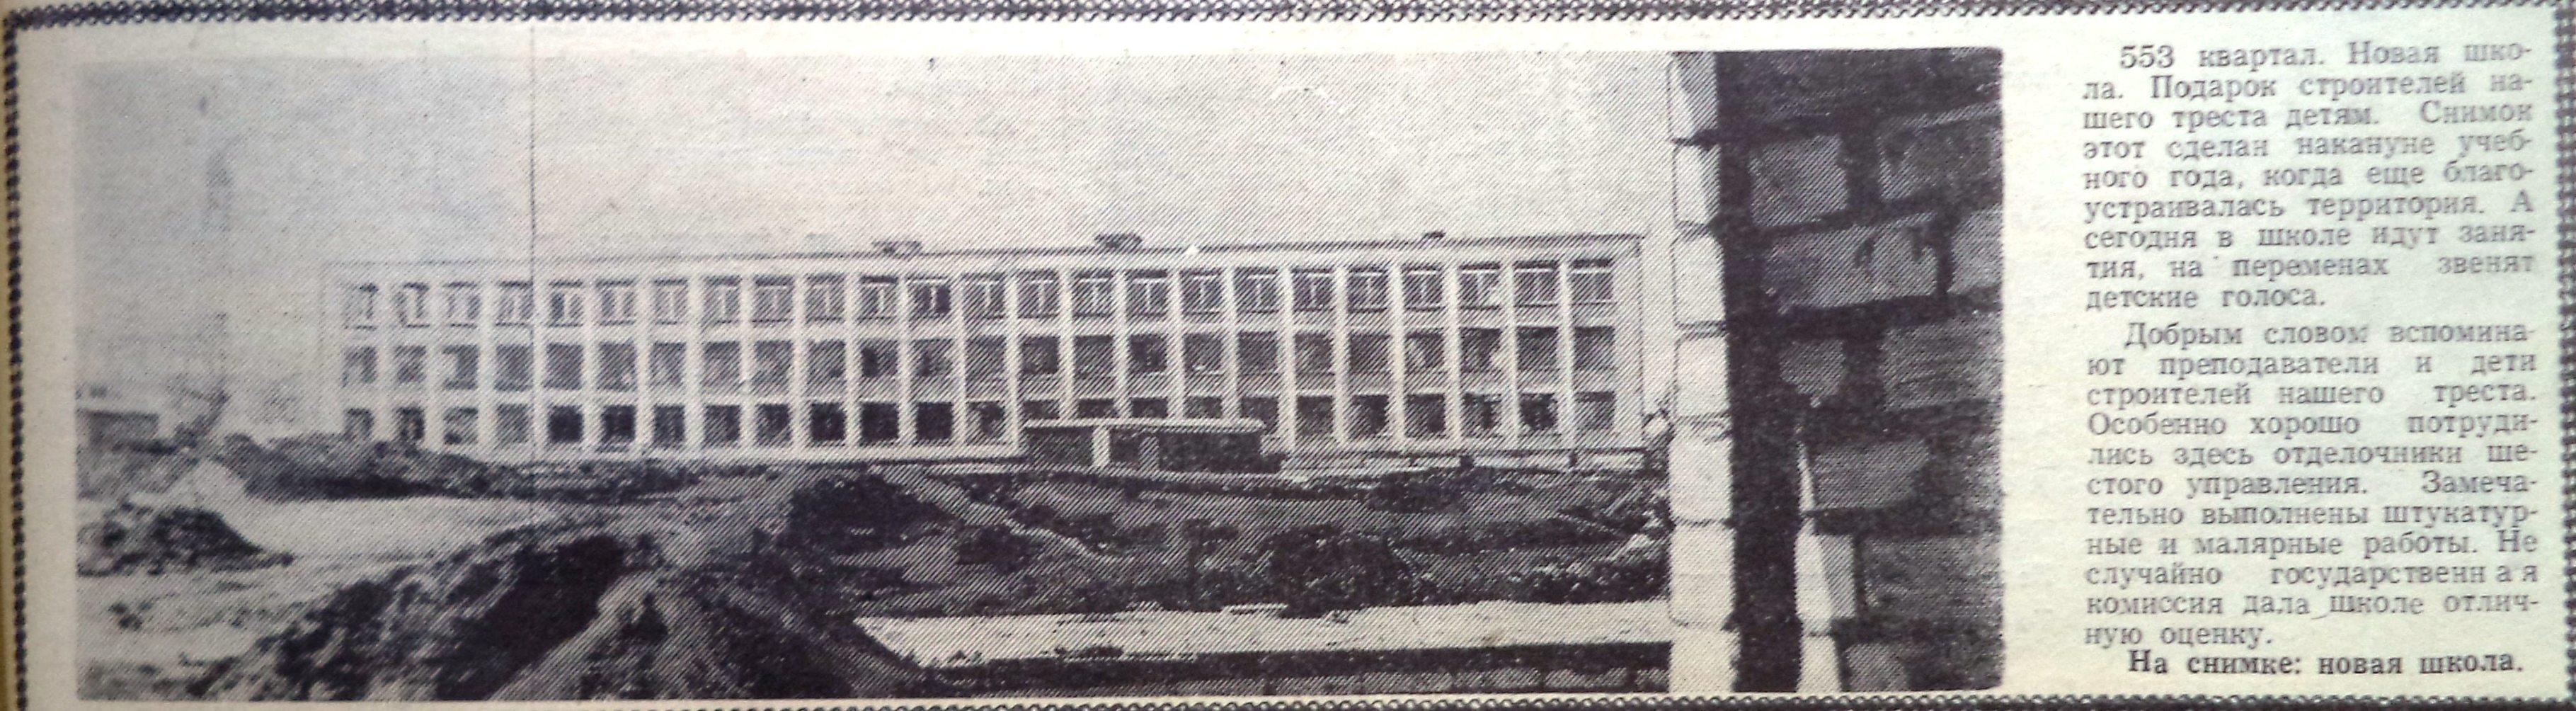 СА-ФОТО-029-Труд Строителя-1968-10 сентября-min